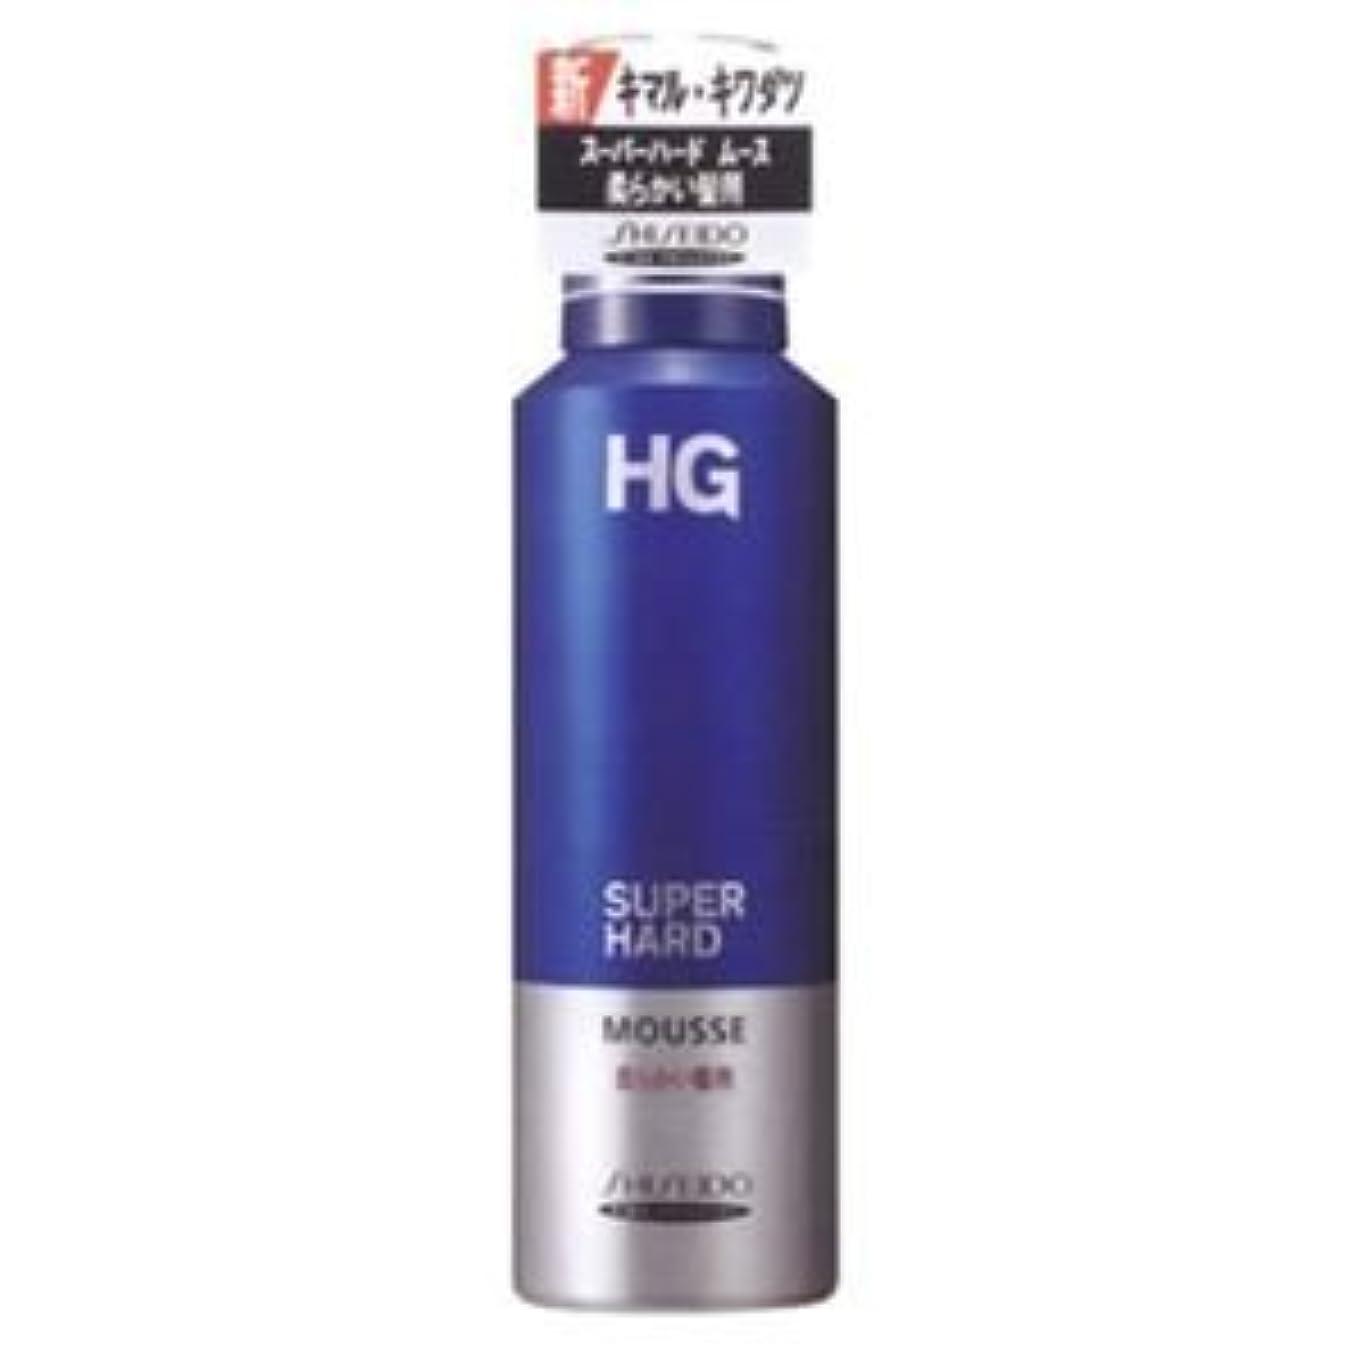 ガスチャットオールHG スーパーハードムース 柔らかい髪用 5セット